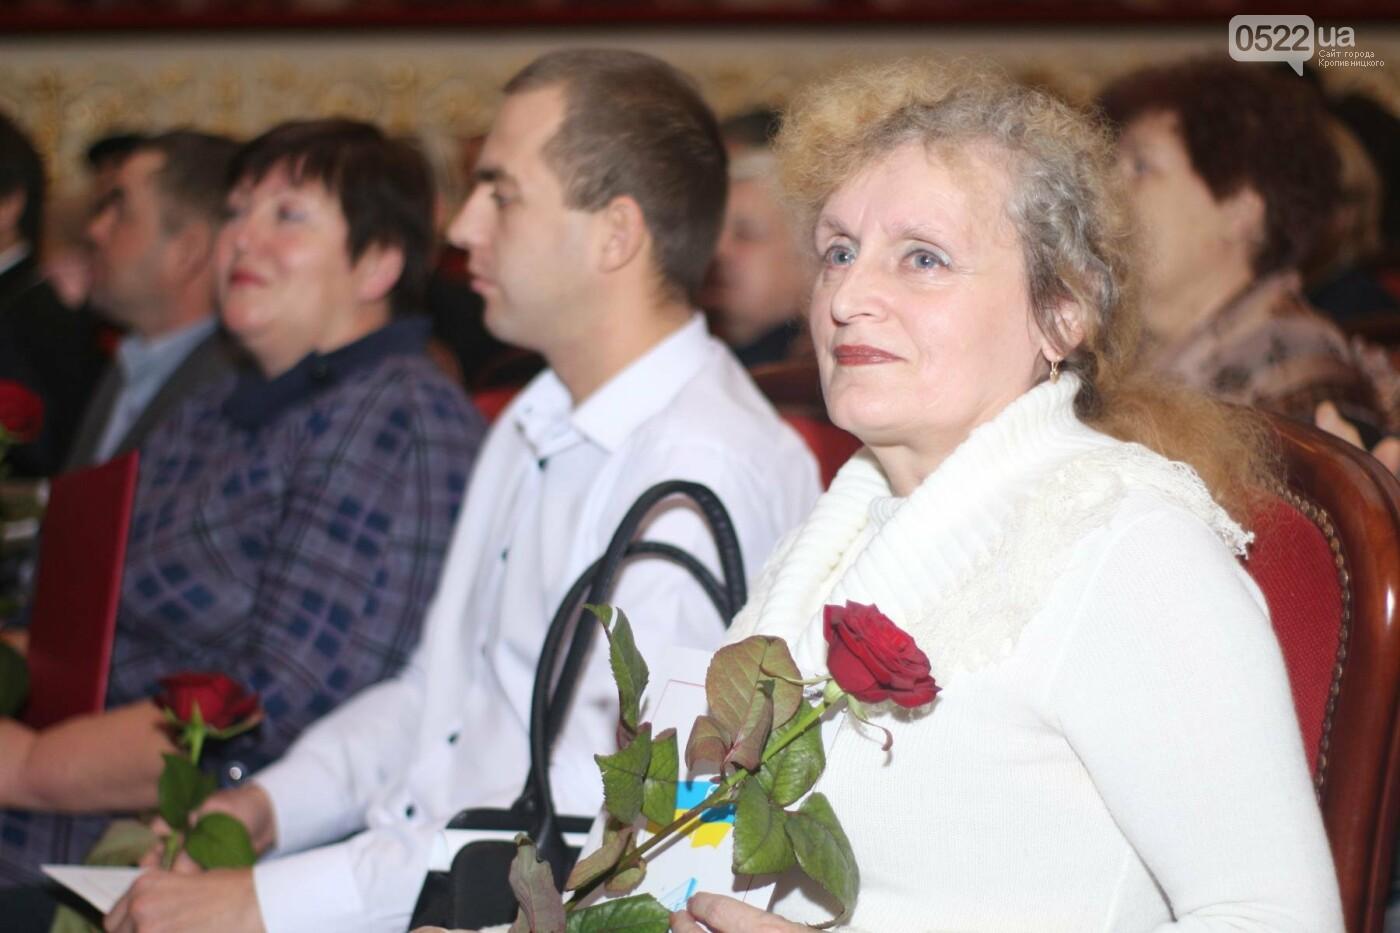 Урочистості до Міжнародного дня людей з інвалідністю відбулися у Кропивницькому, фото-28